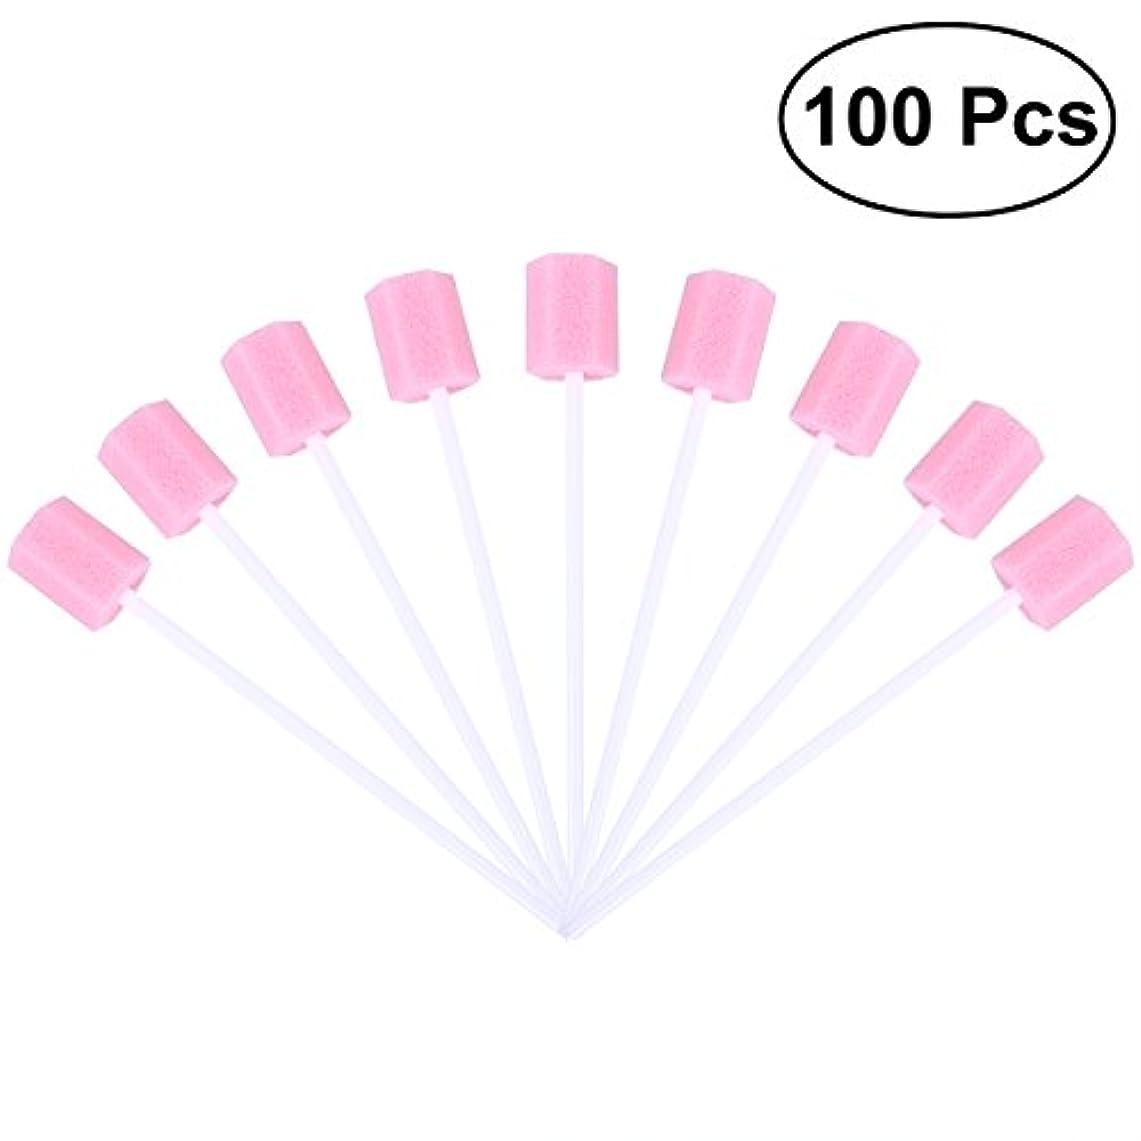 主人進む付き添い人ROSENICE 使い捨て口腔ケアスポンジスワブ歯口洗浄スワブ100個(ピンク)